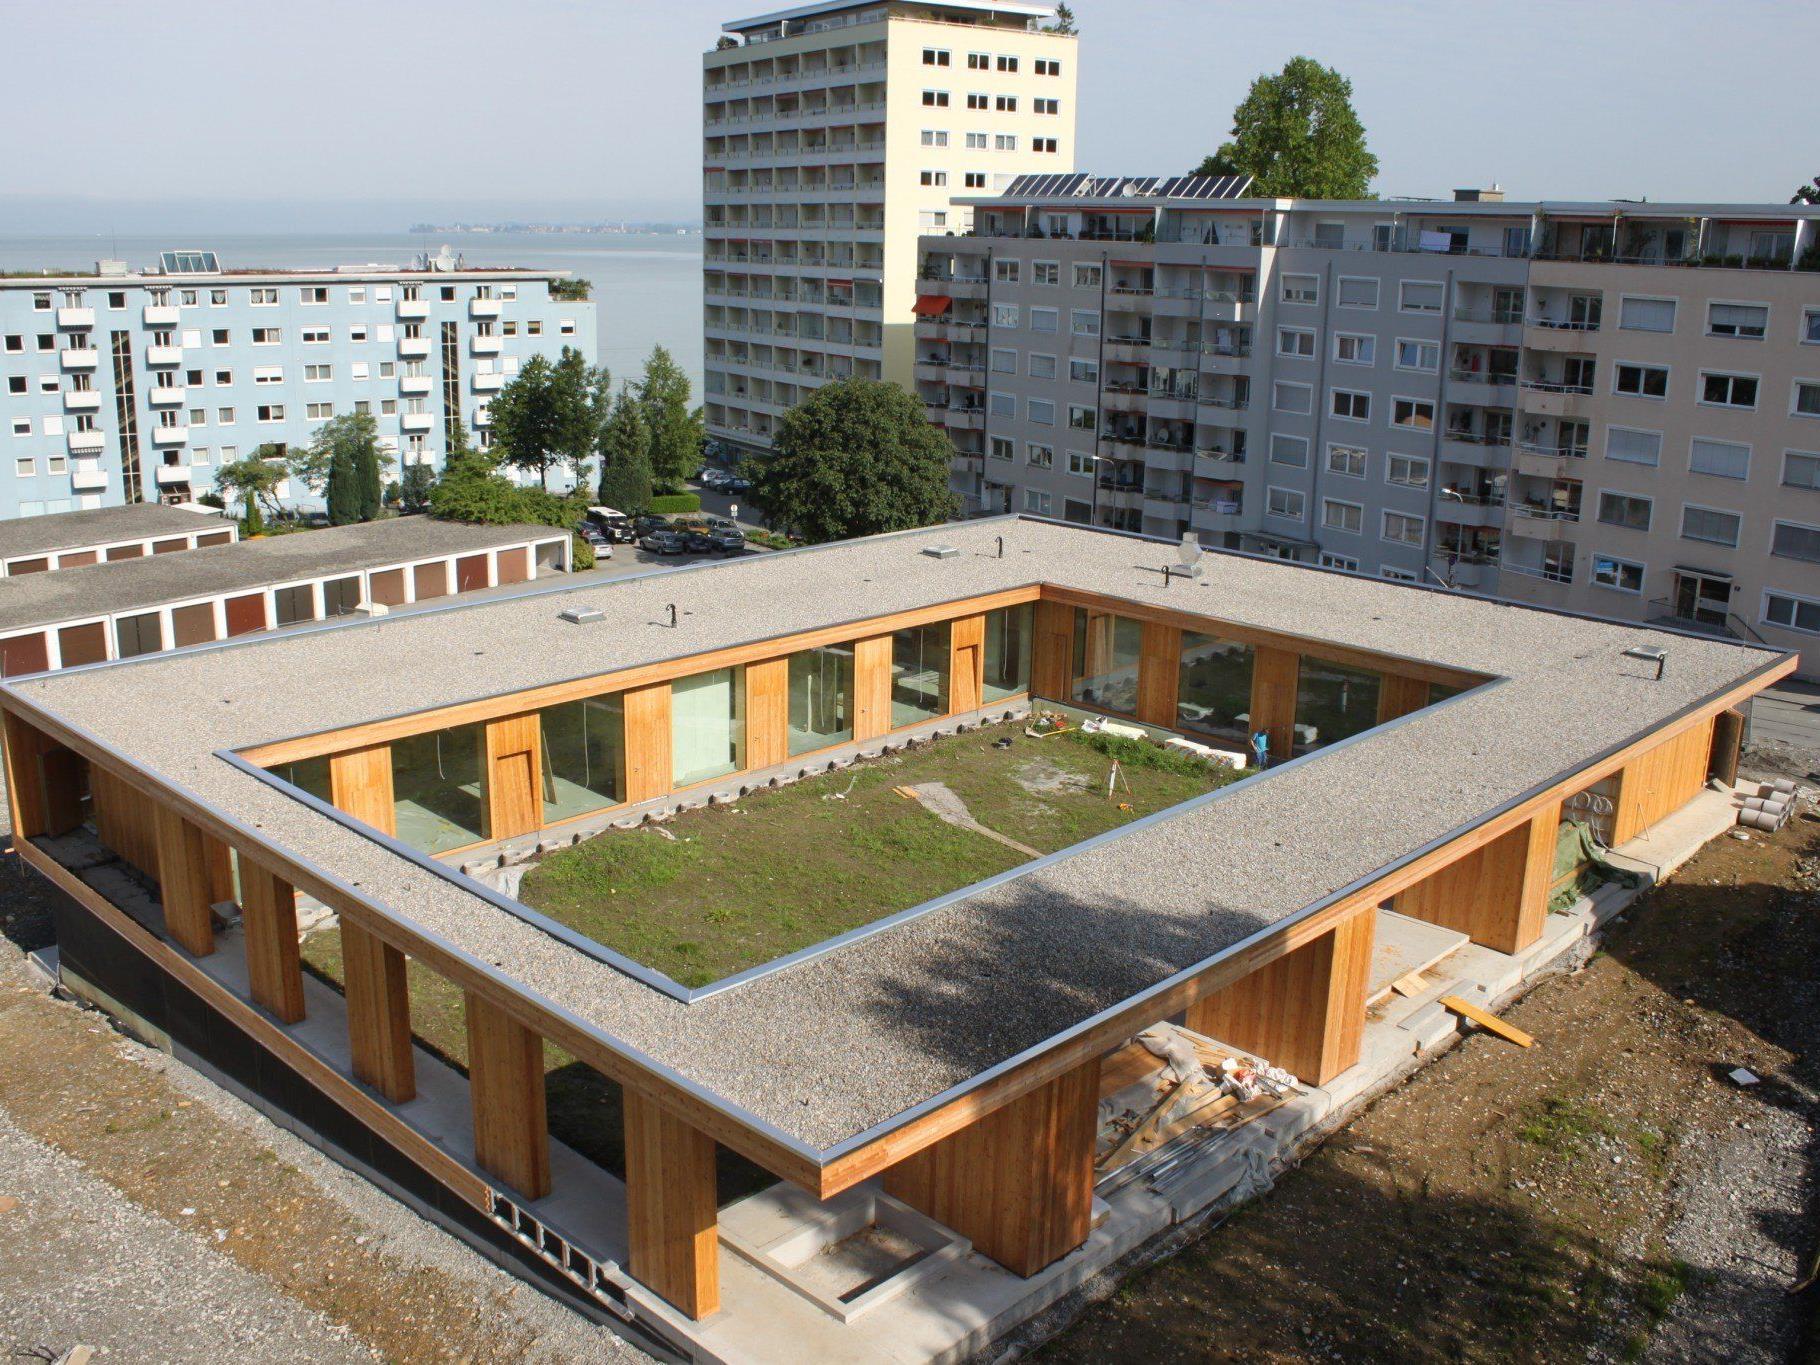 """Auf dem Dach des neuen Kindergartens Klausmühle in Lochau Süd entsteht durch aktive Bürgerbeteiligung das dritte öffentliche """"Solarstrom-Kraftwerk"""" in Lochau."""